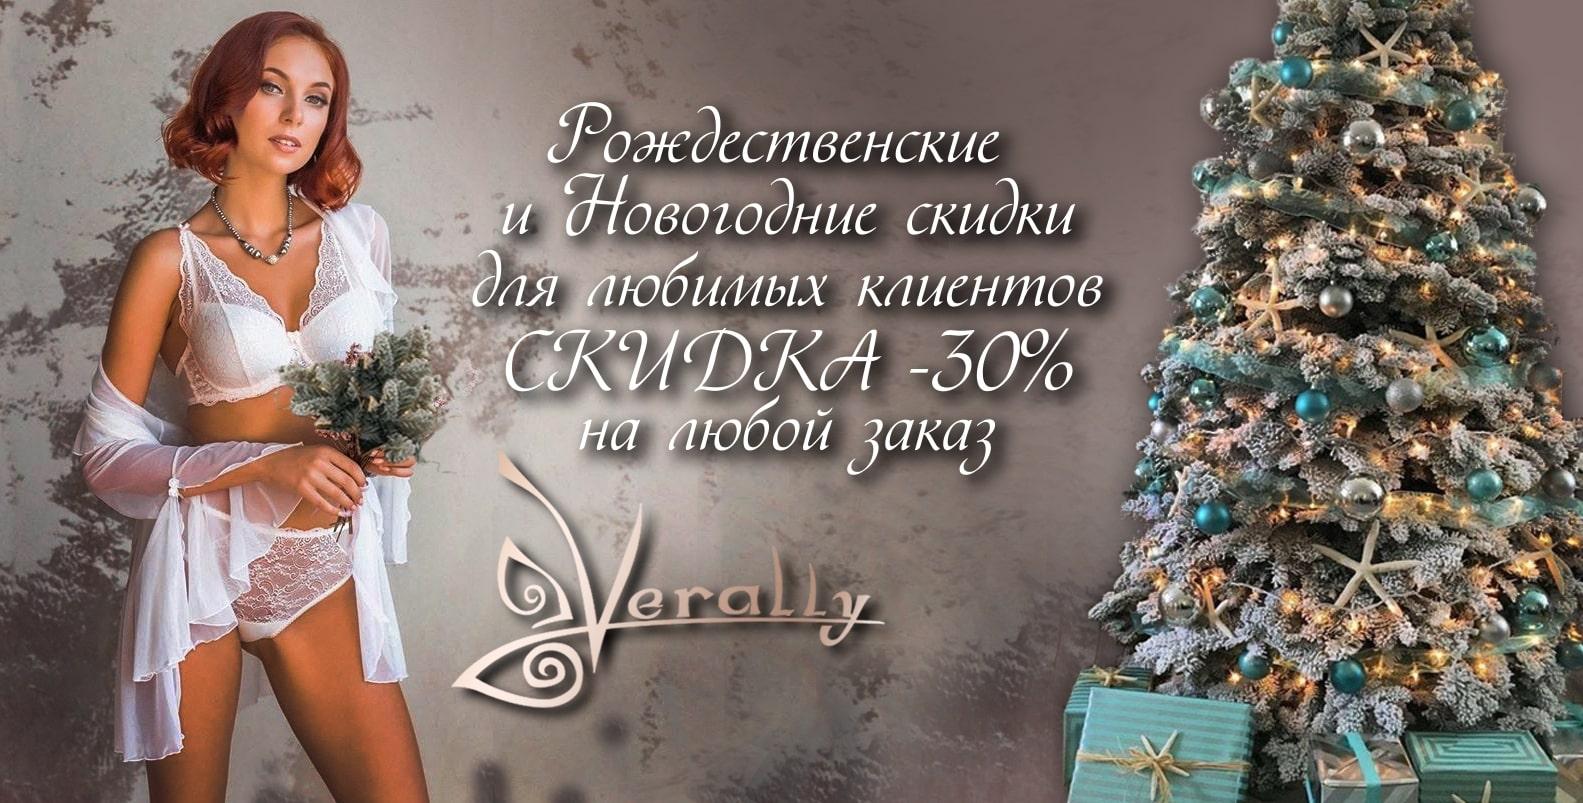 Новогодние скидки 30% на женское бельё Verally